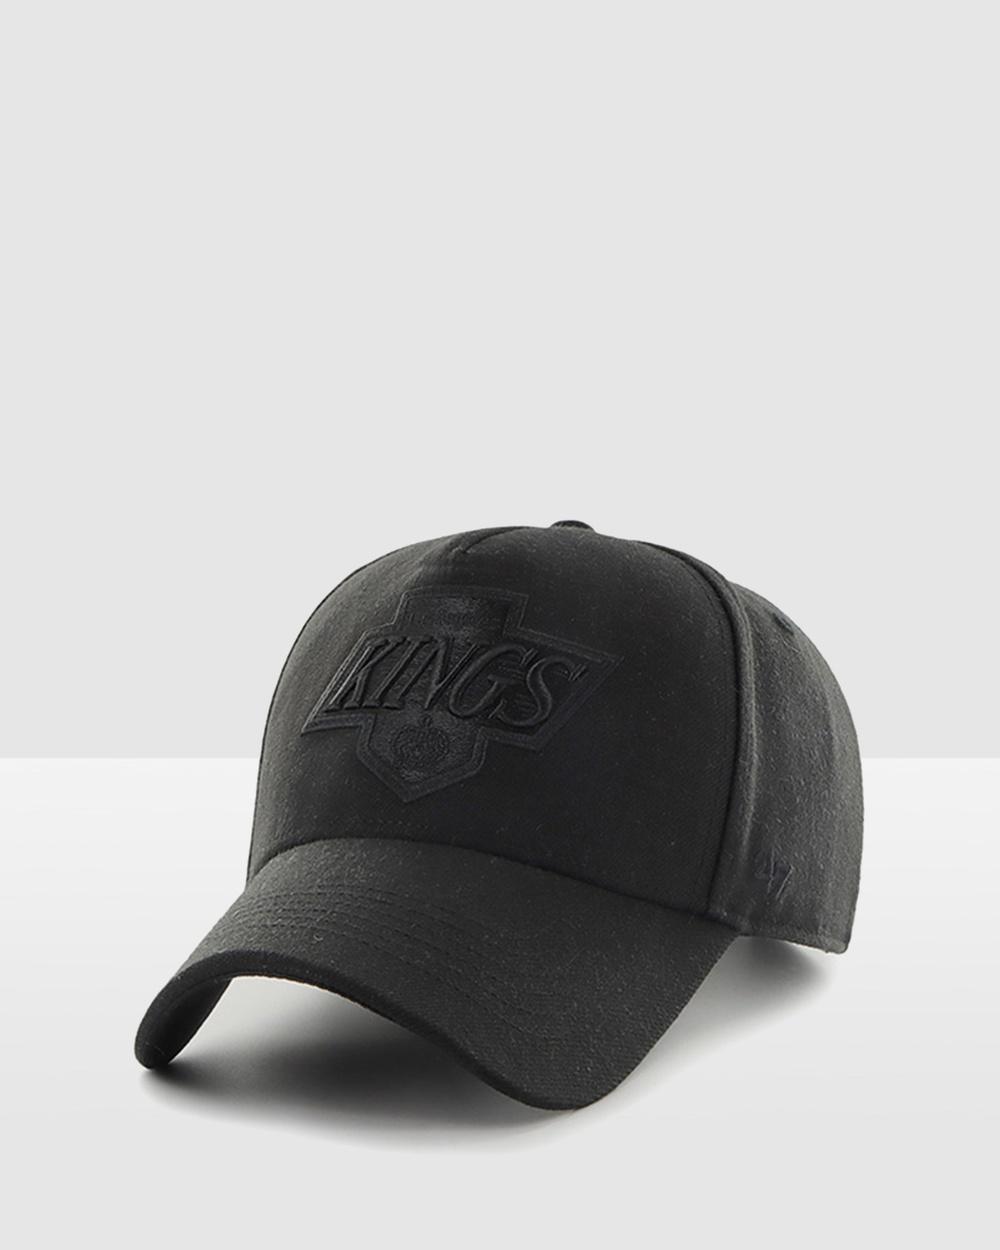 47 LA Kings Replica '47 MVP DT Snapback Black Headwear black